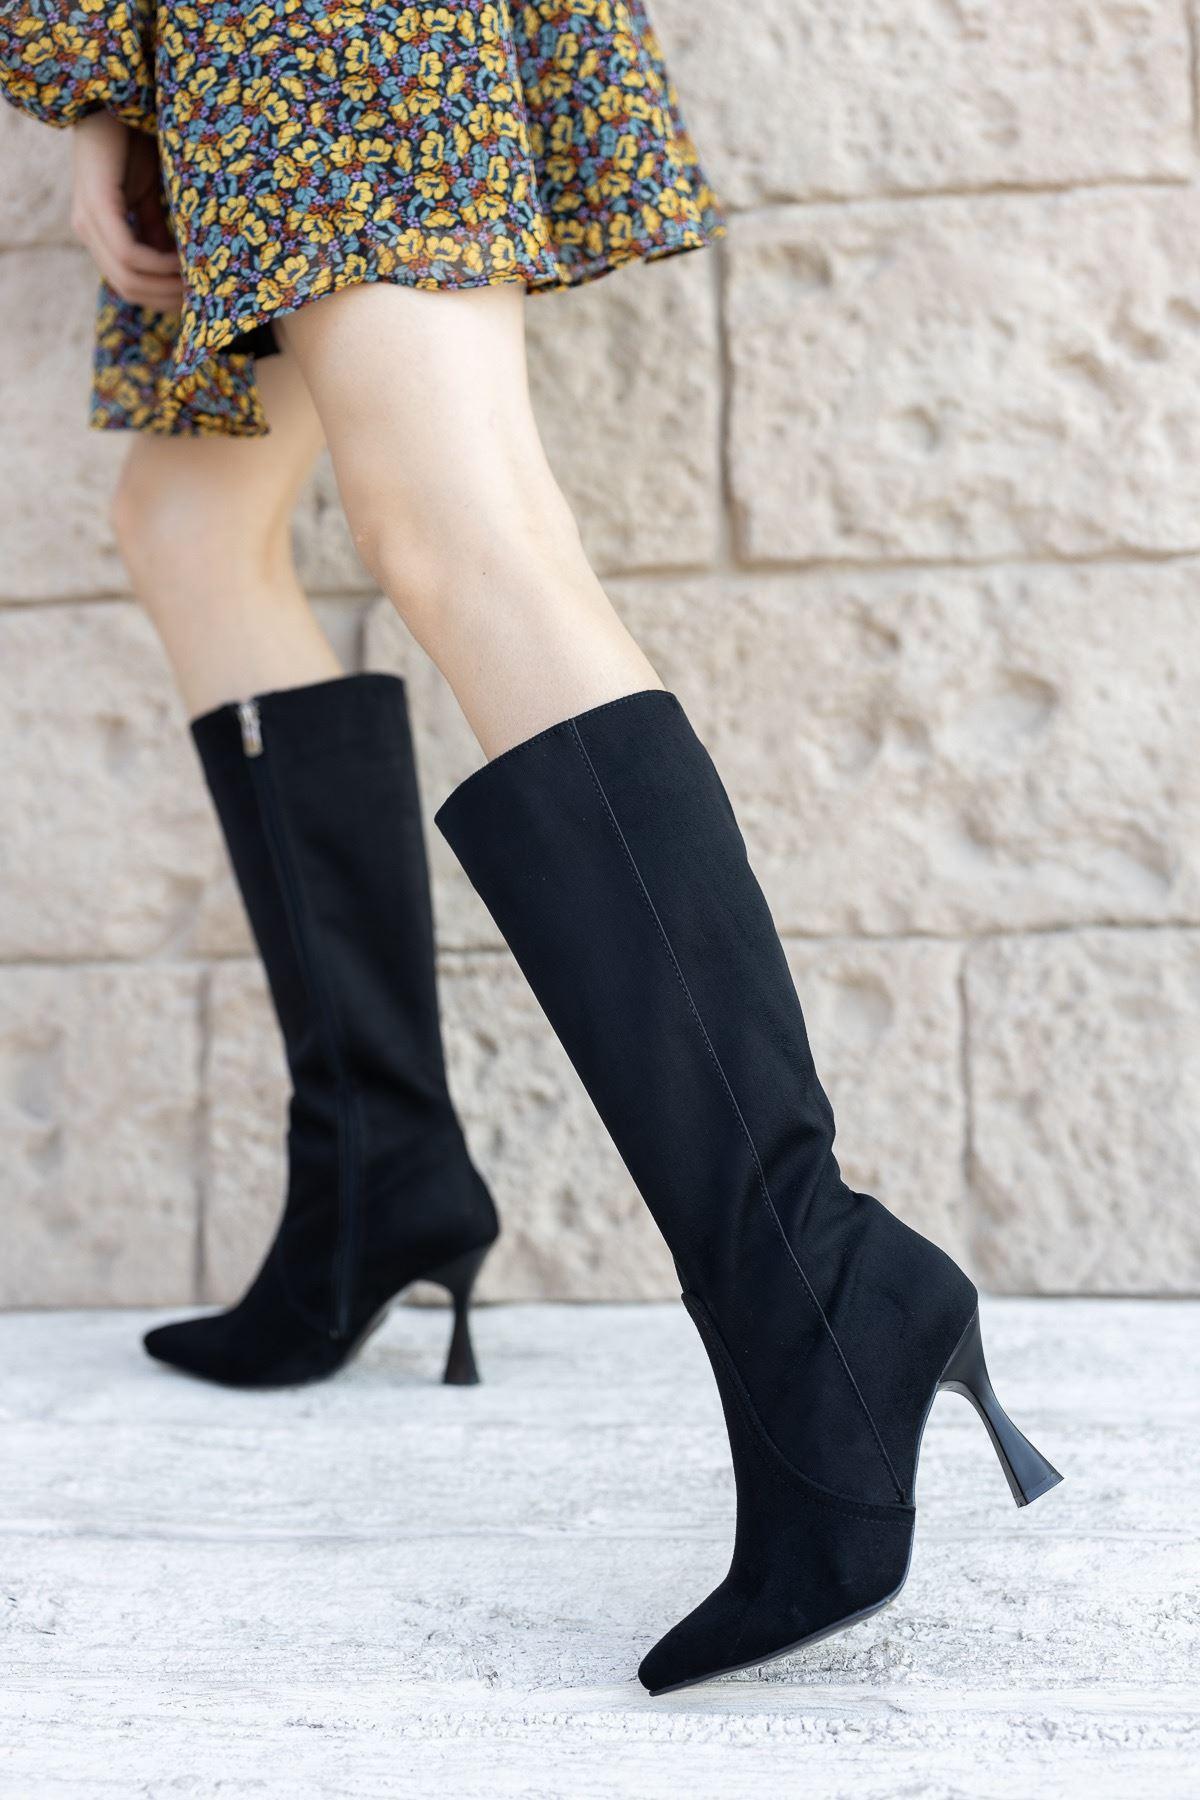 Kadın Fonte Diz Altı Siyah Süet İnce Topuklu Çizme